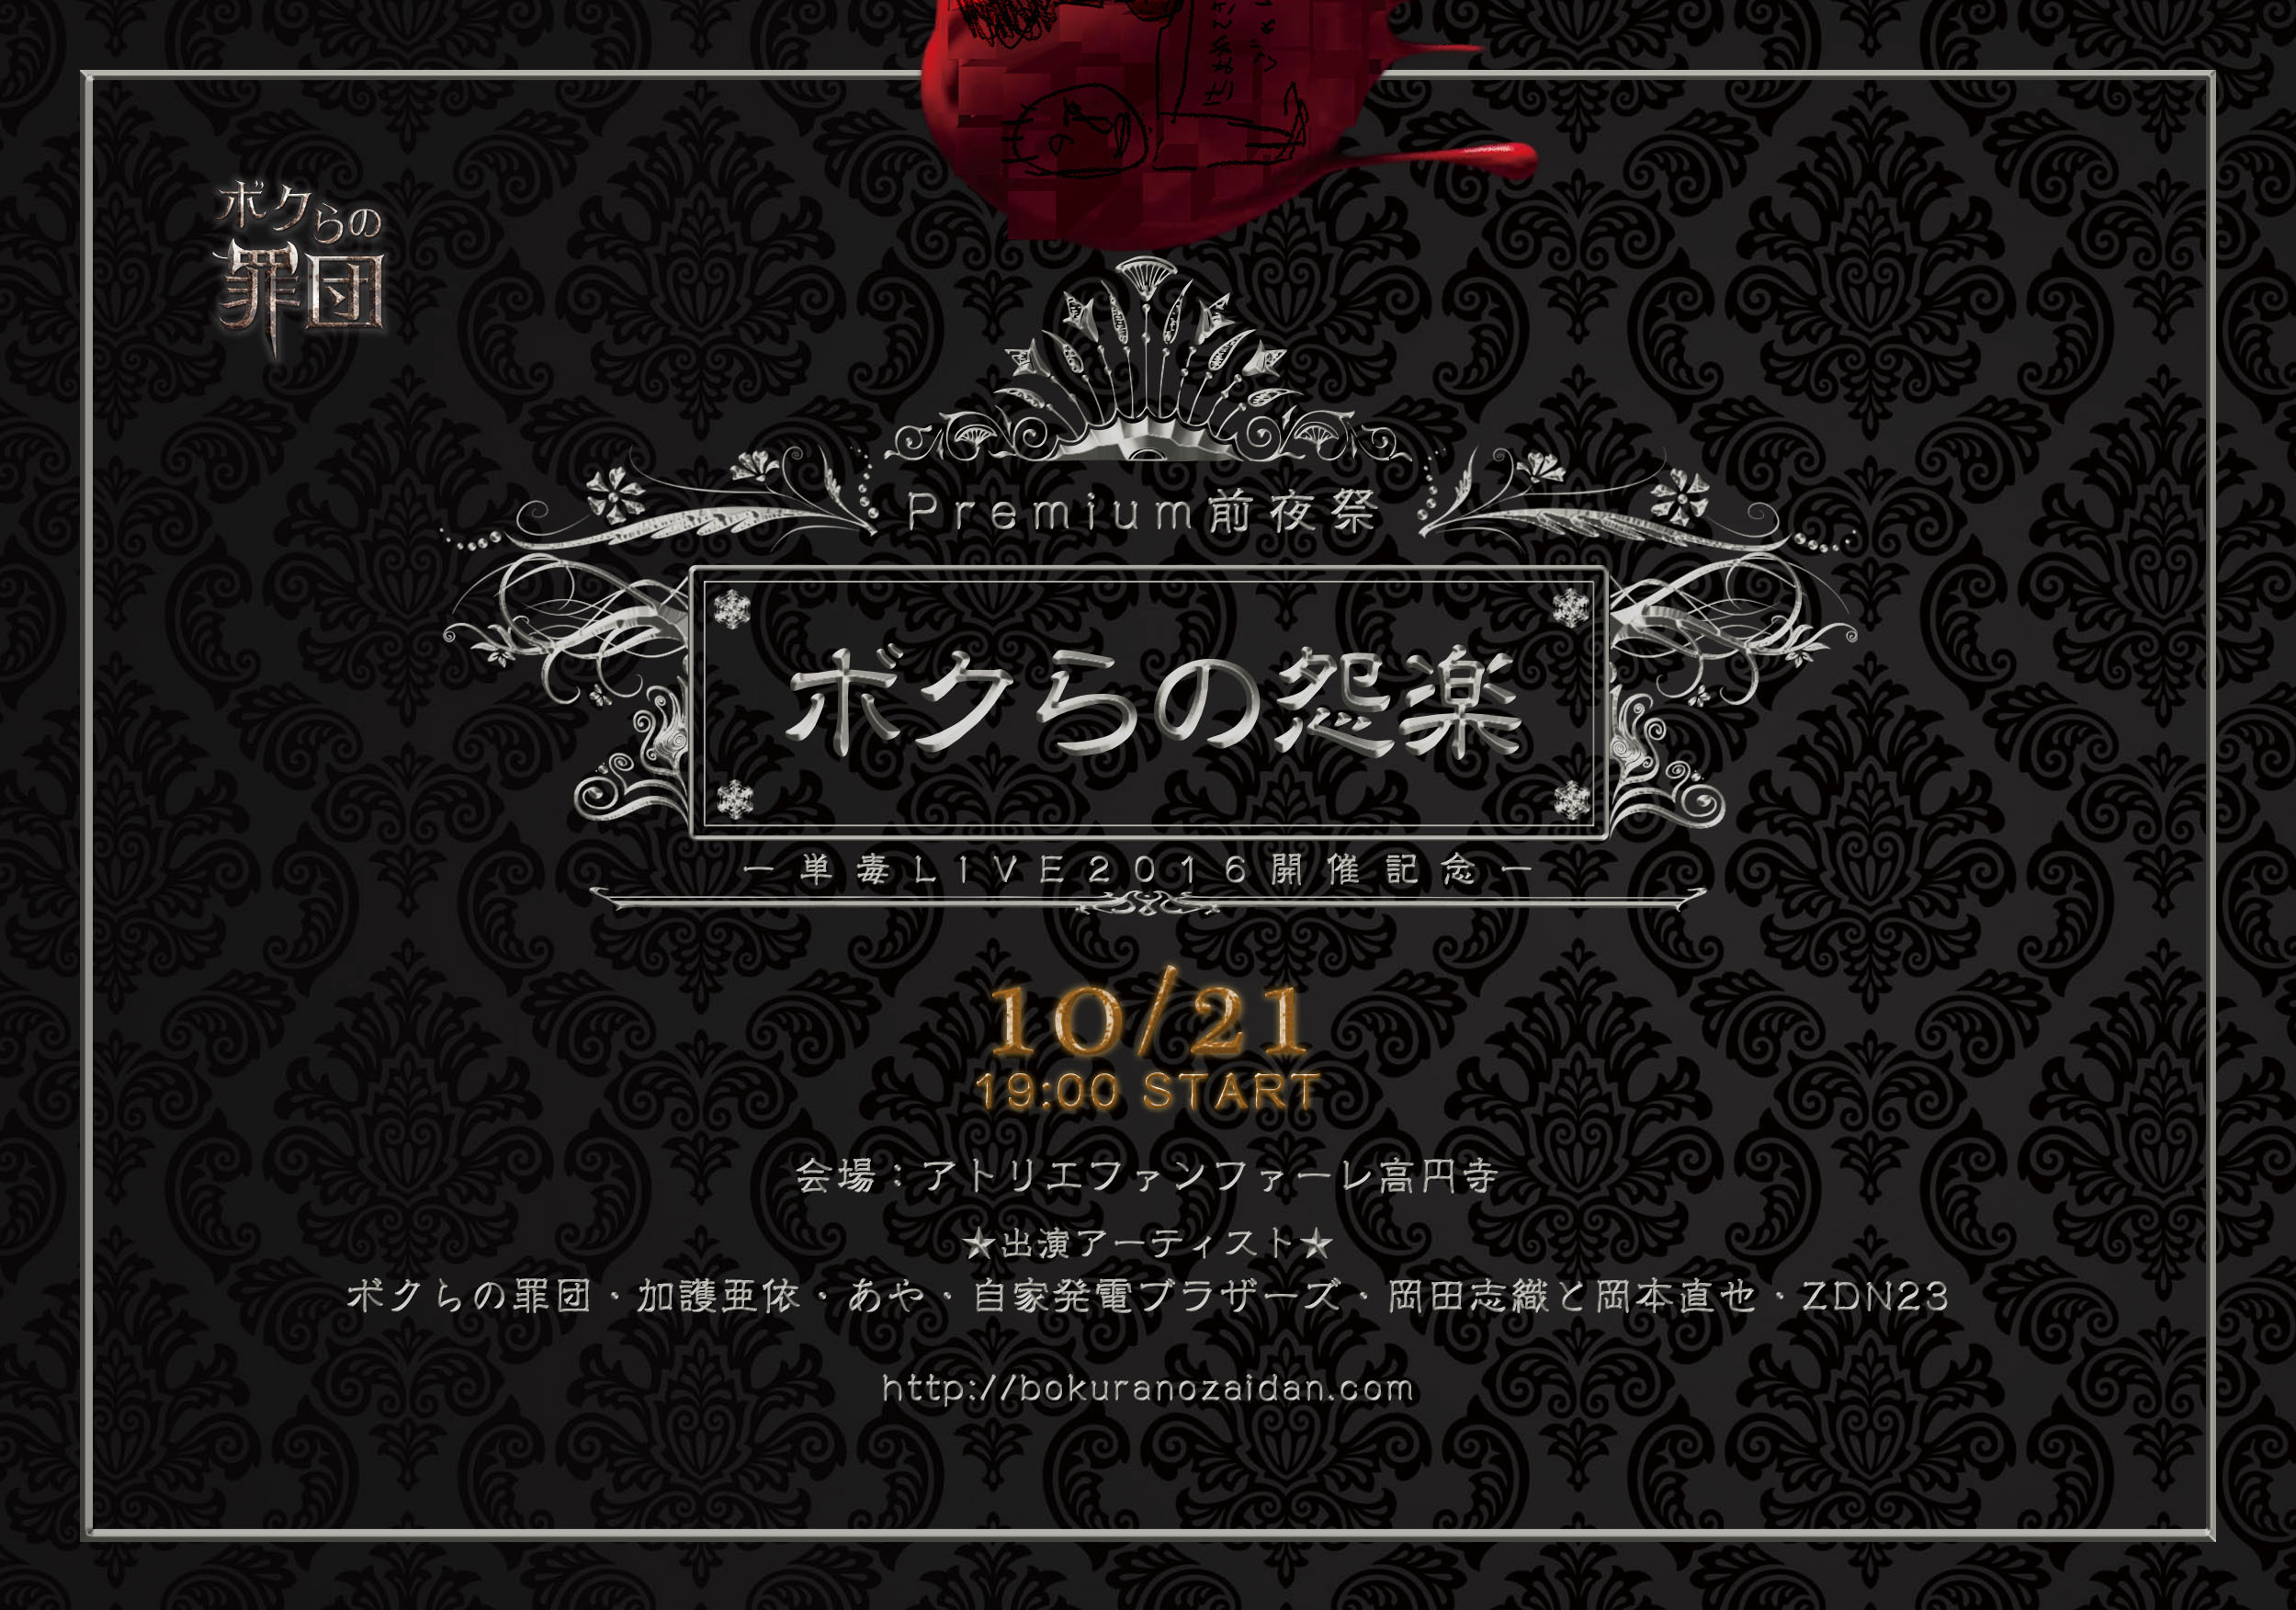 """""""ボクらの罪団単毒""""LIVE2016開催記念Premium前夜祭『ボクらの怨楽』"""